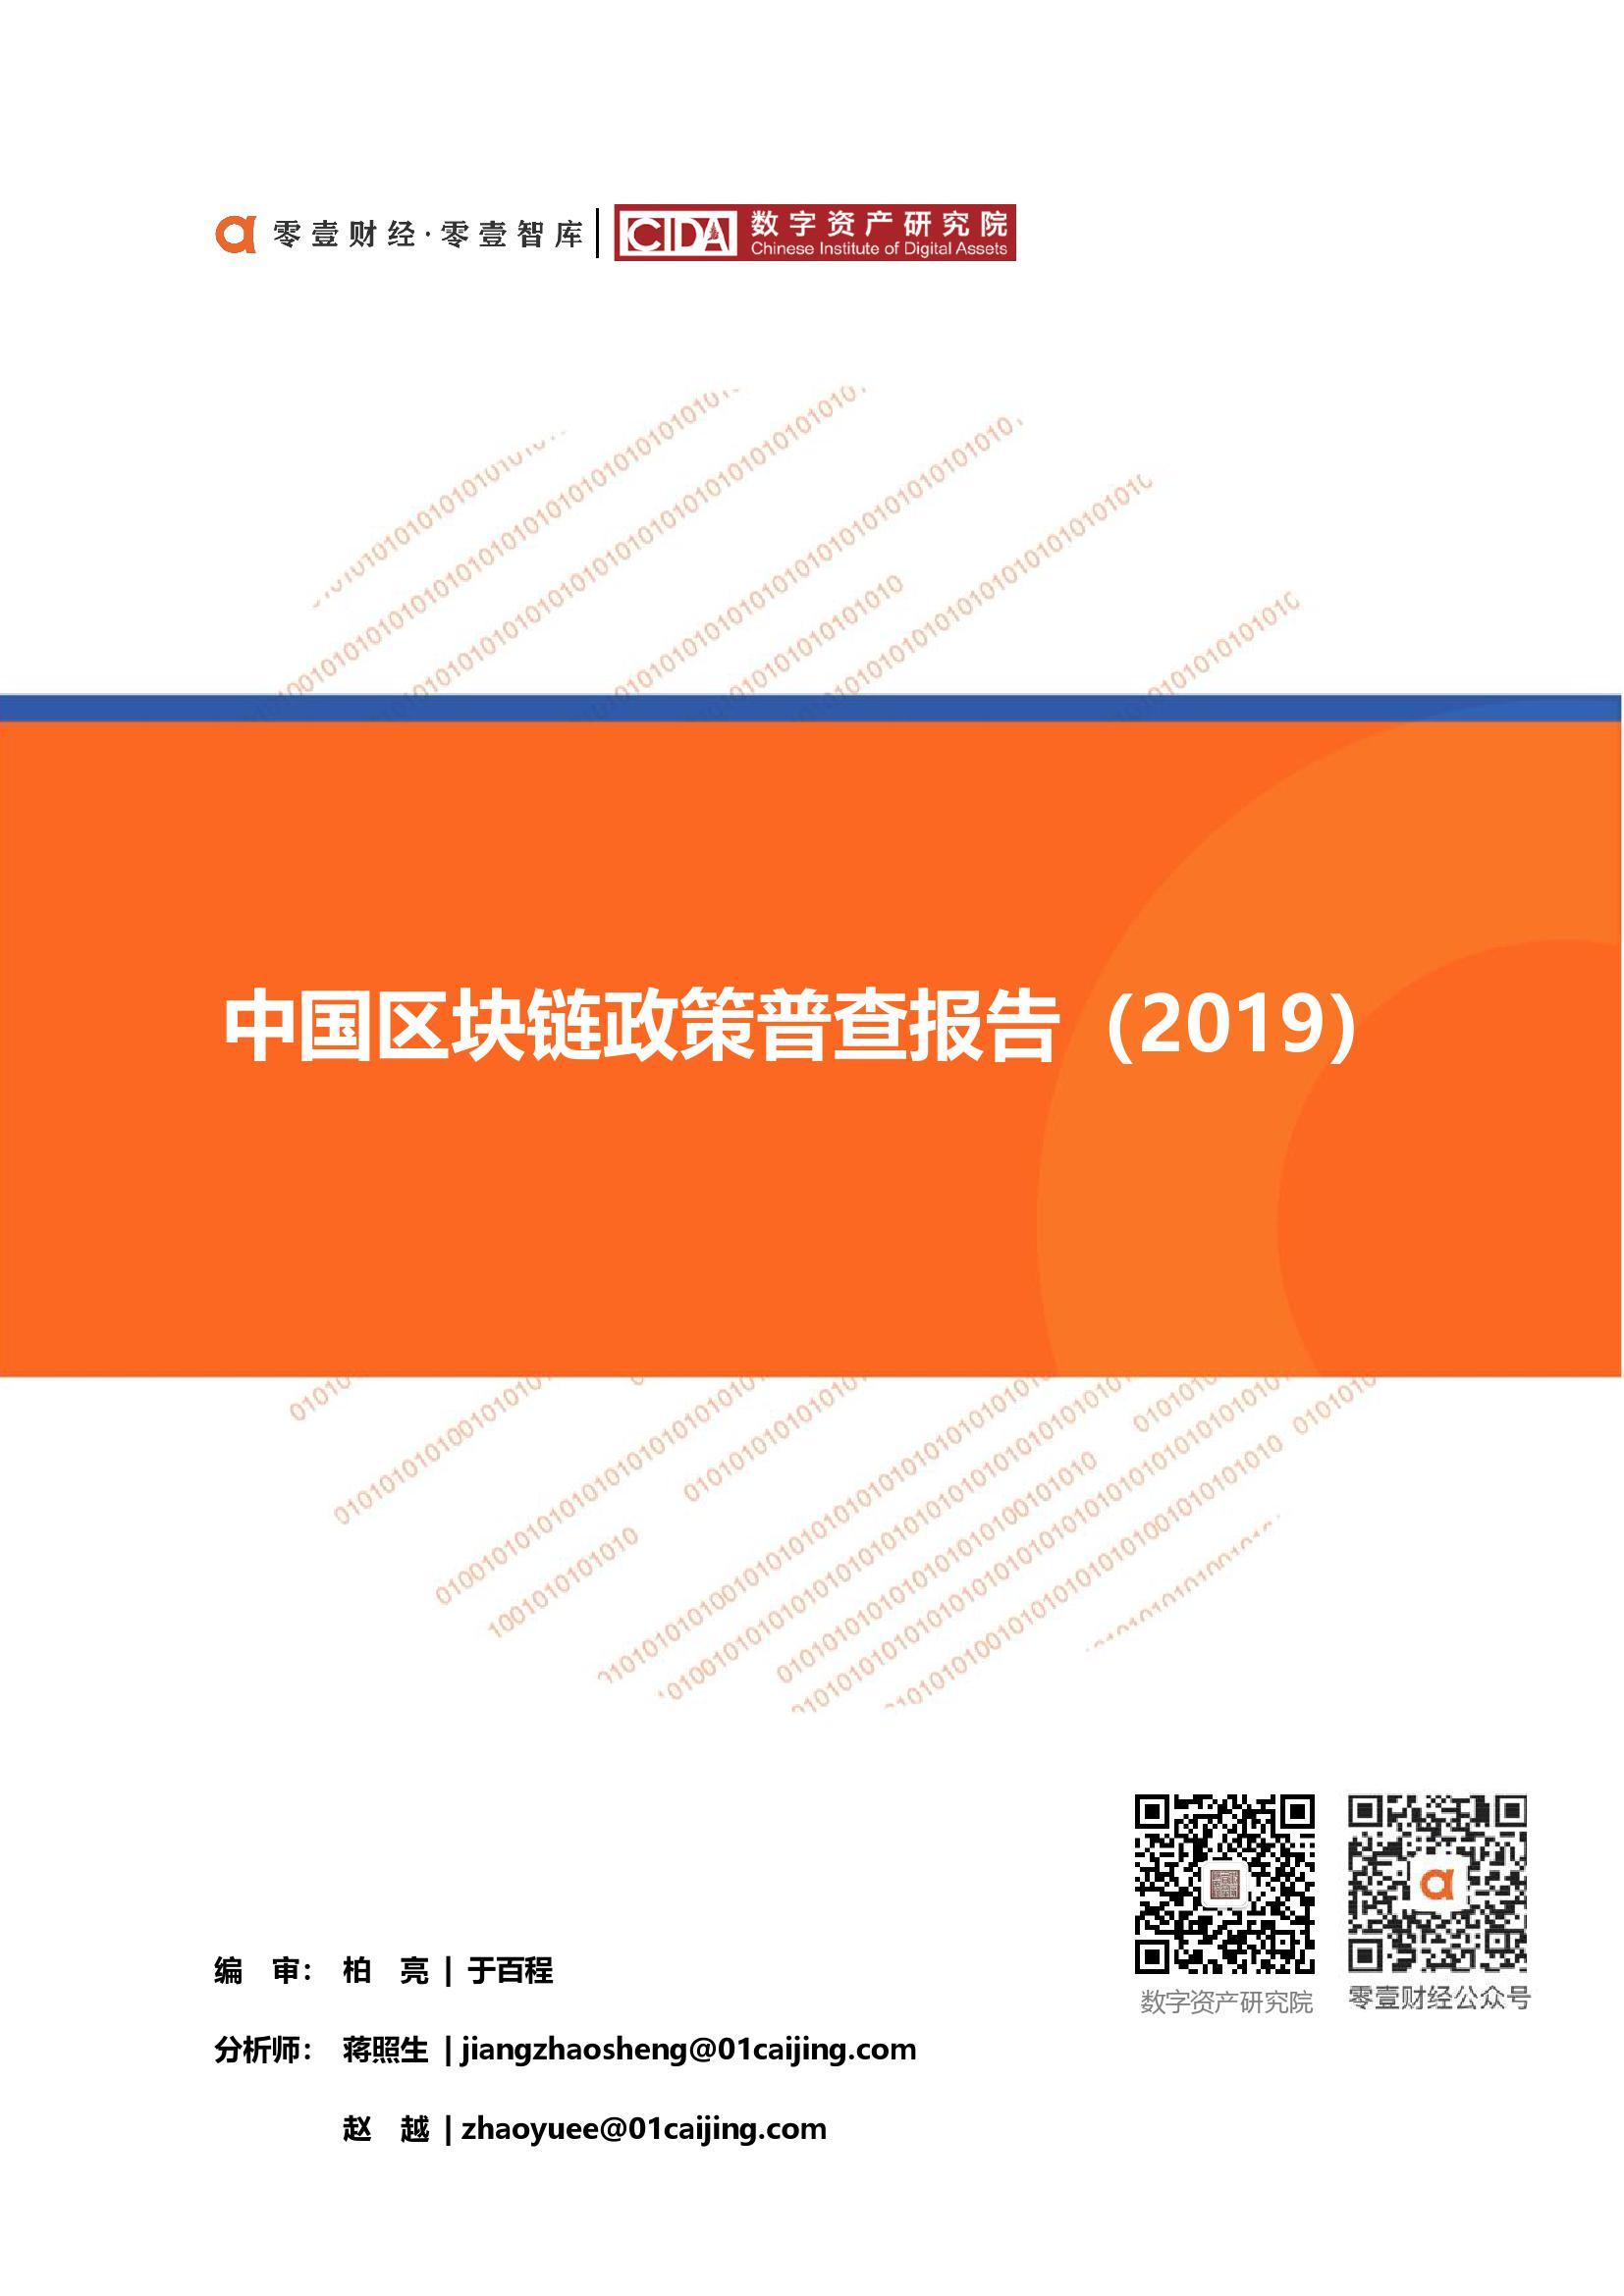 零壹智库:2019中国区块链政策普查报告(附下载)